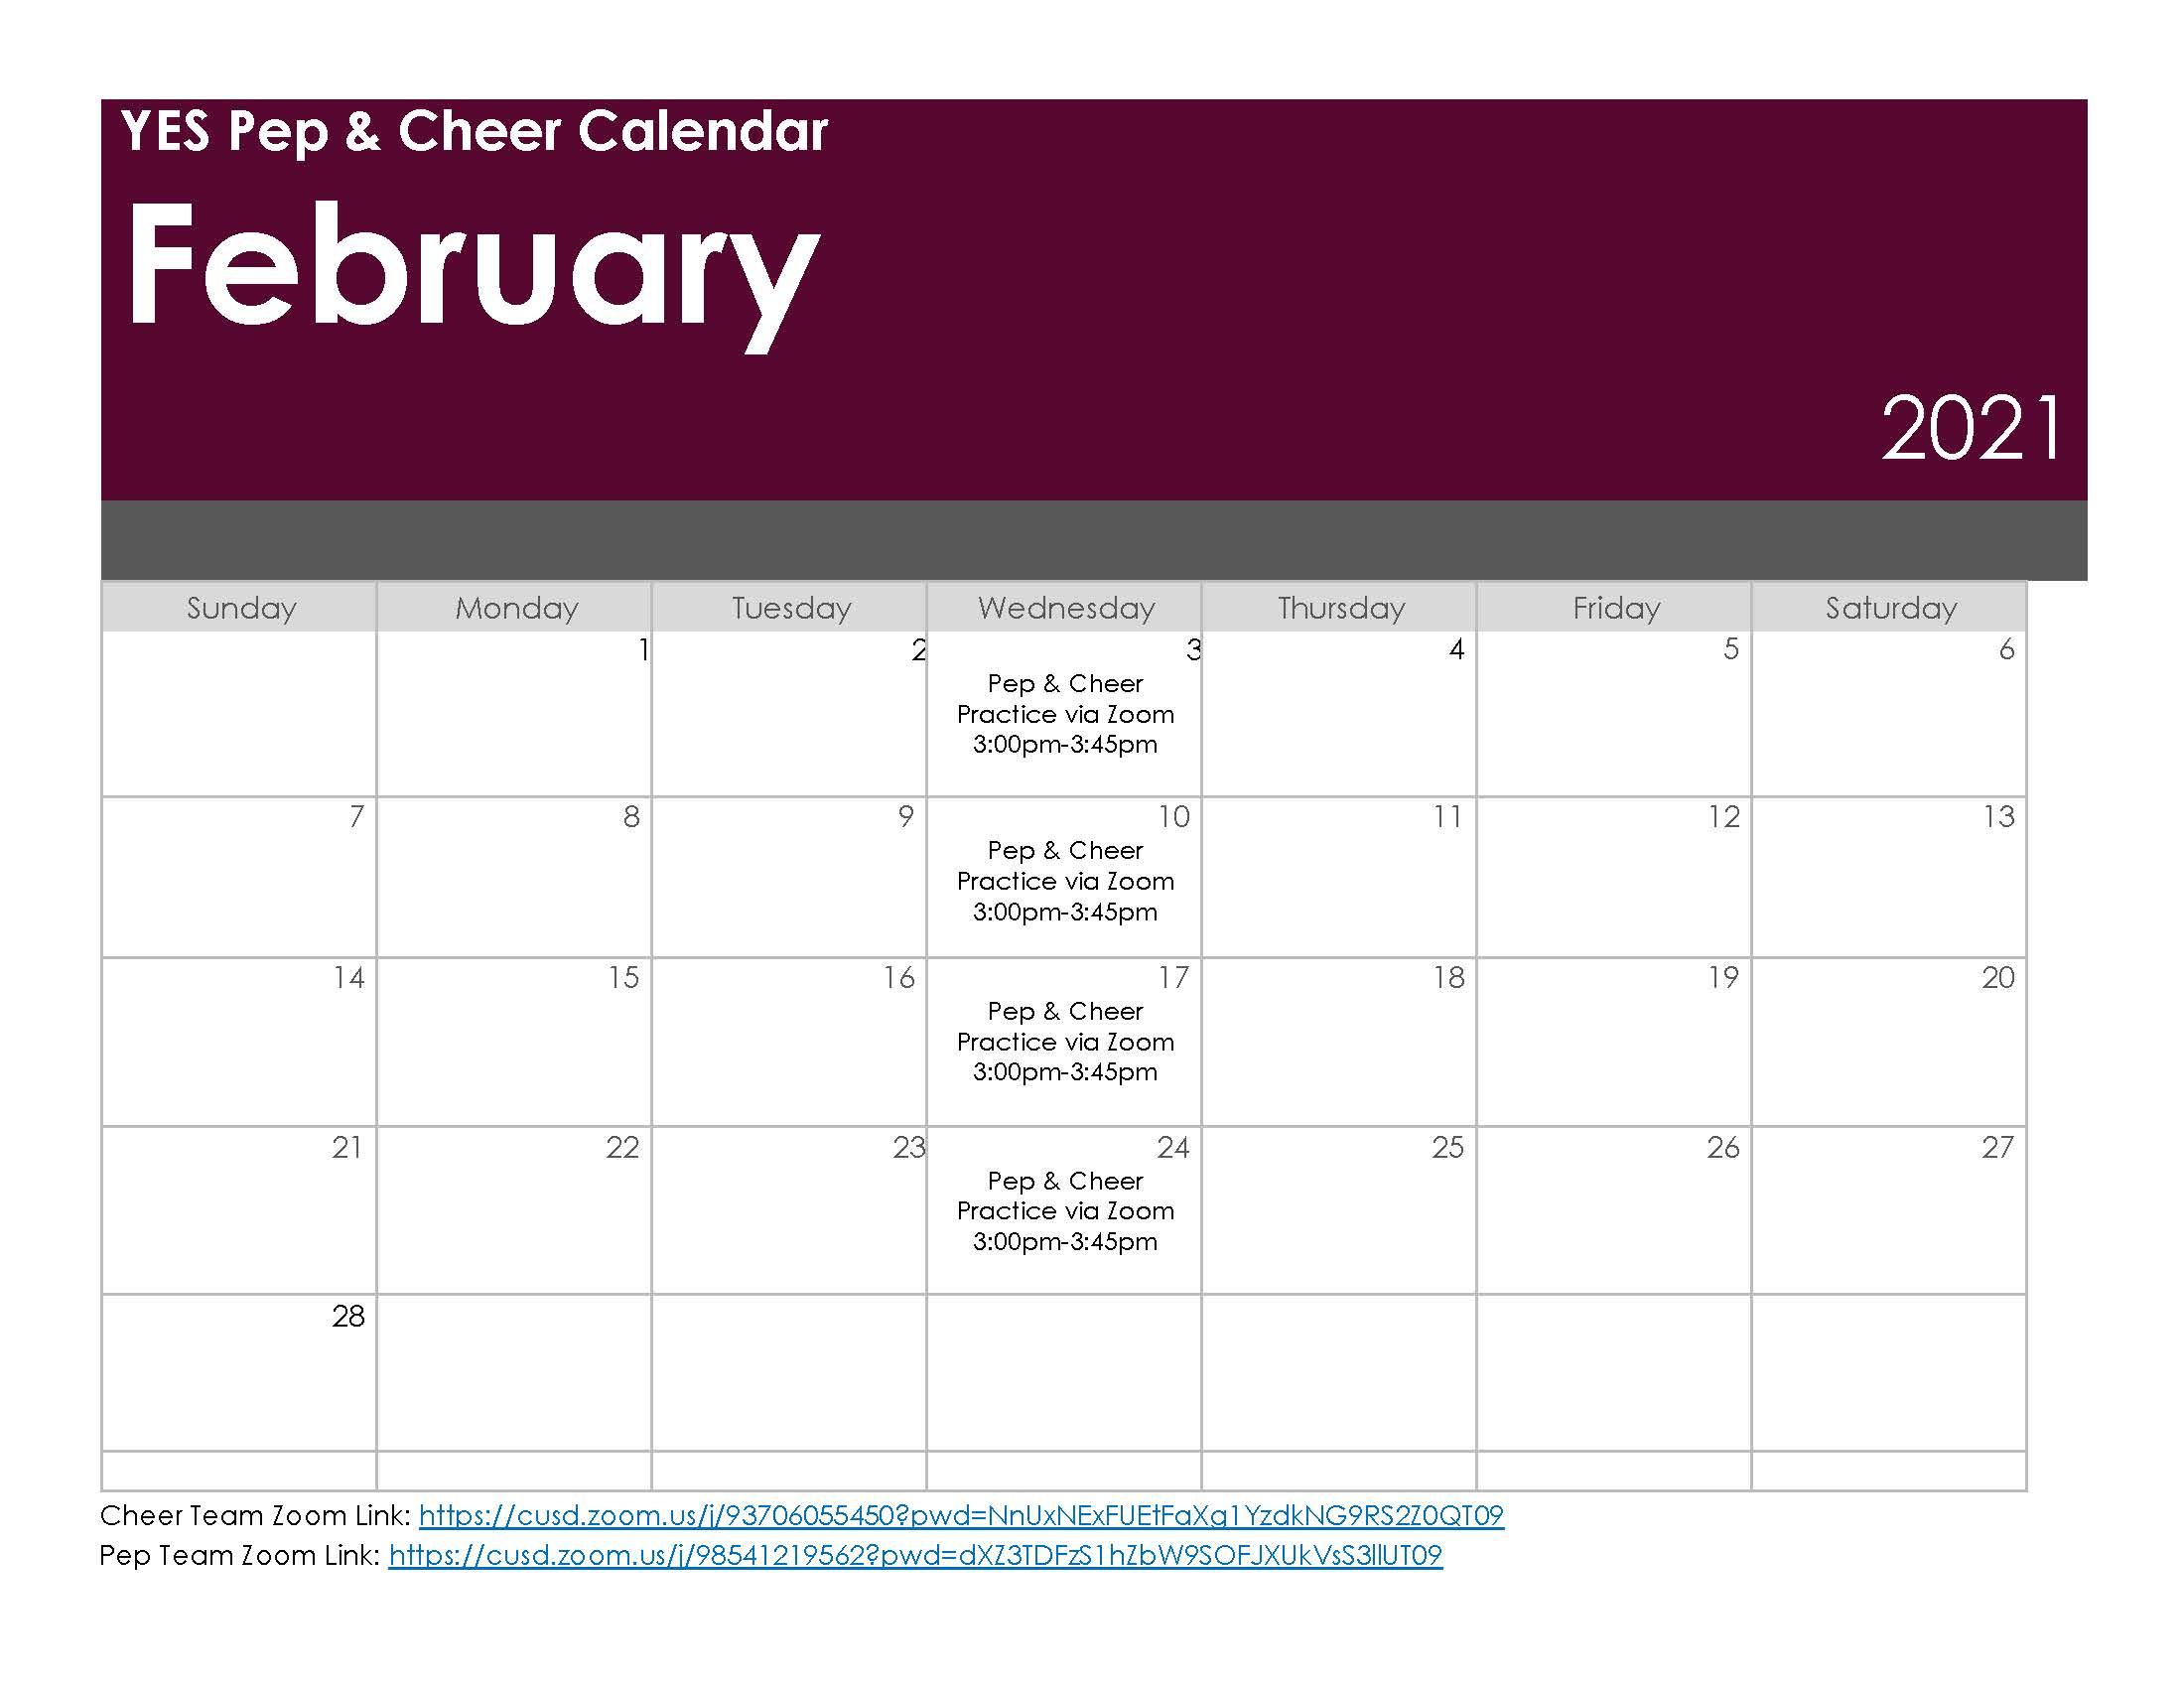 Pep & Cheer Practice Schedule - February 2021